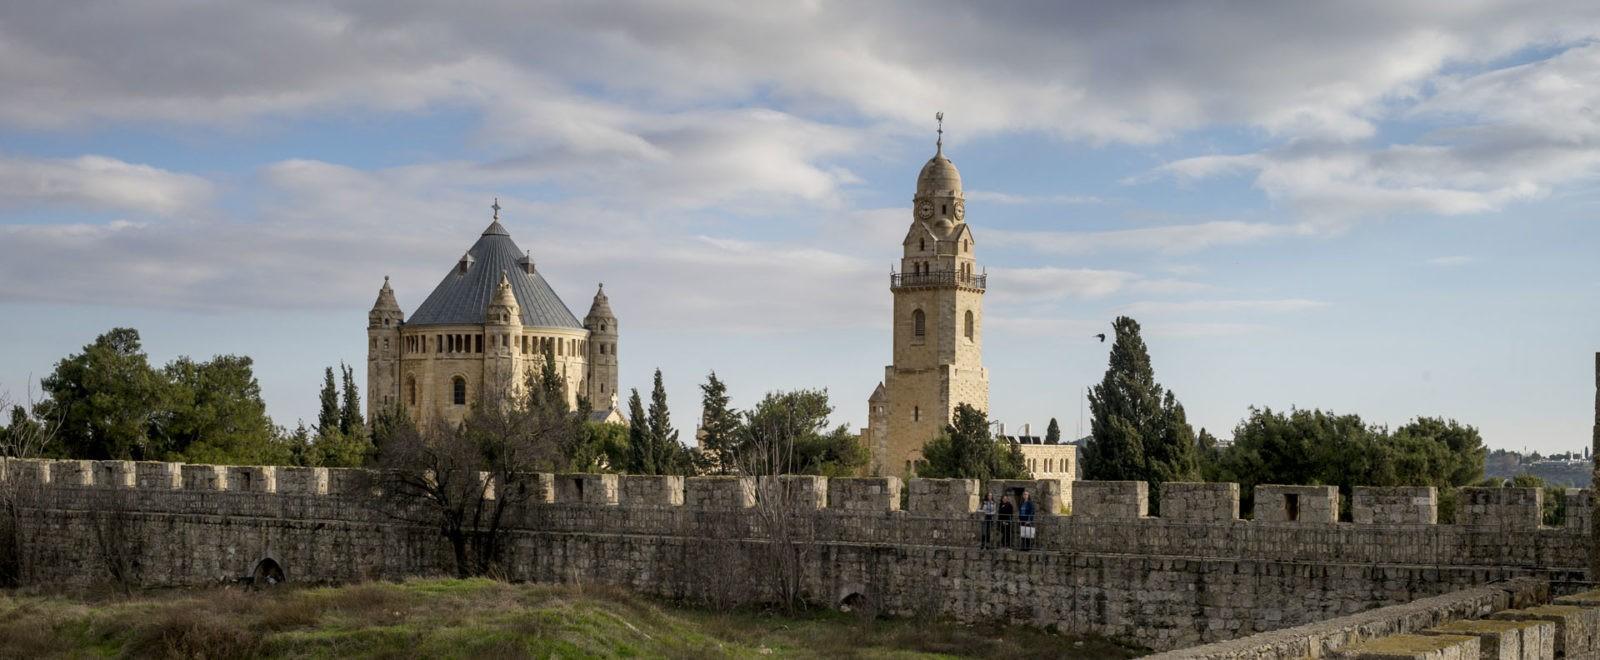 Best Churches in Jerusalem